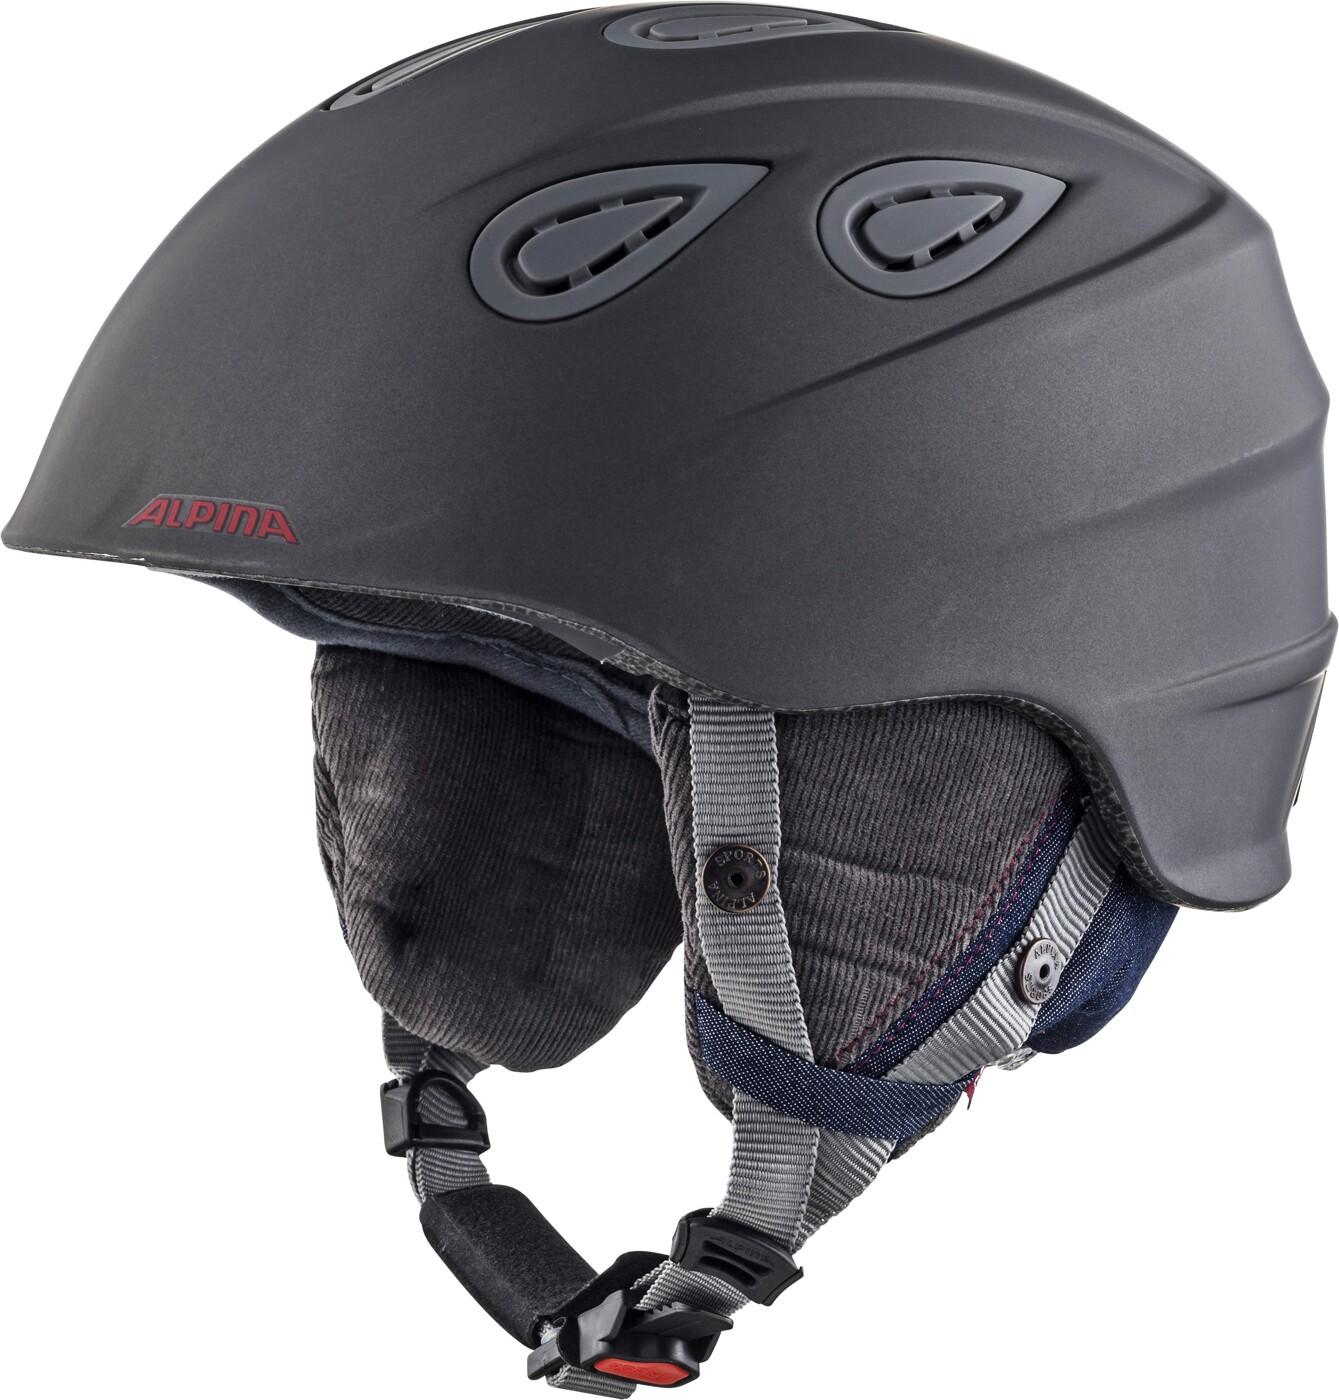 Helm Grap 2.0 LE  61-64 ALPINA